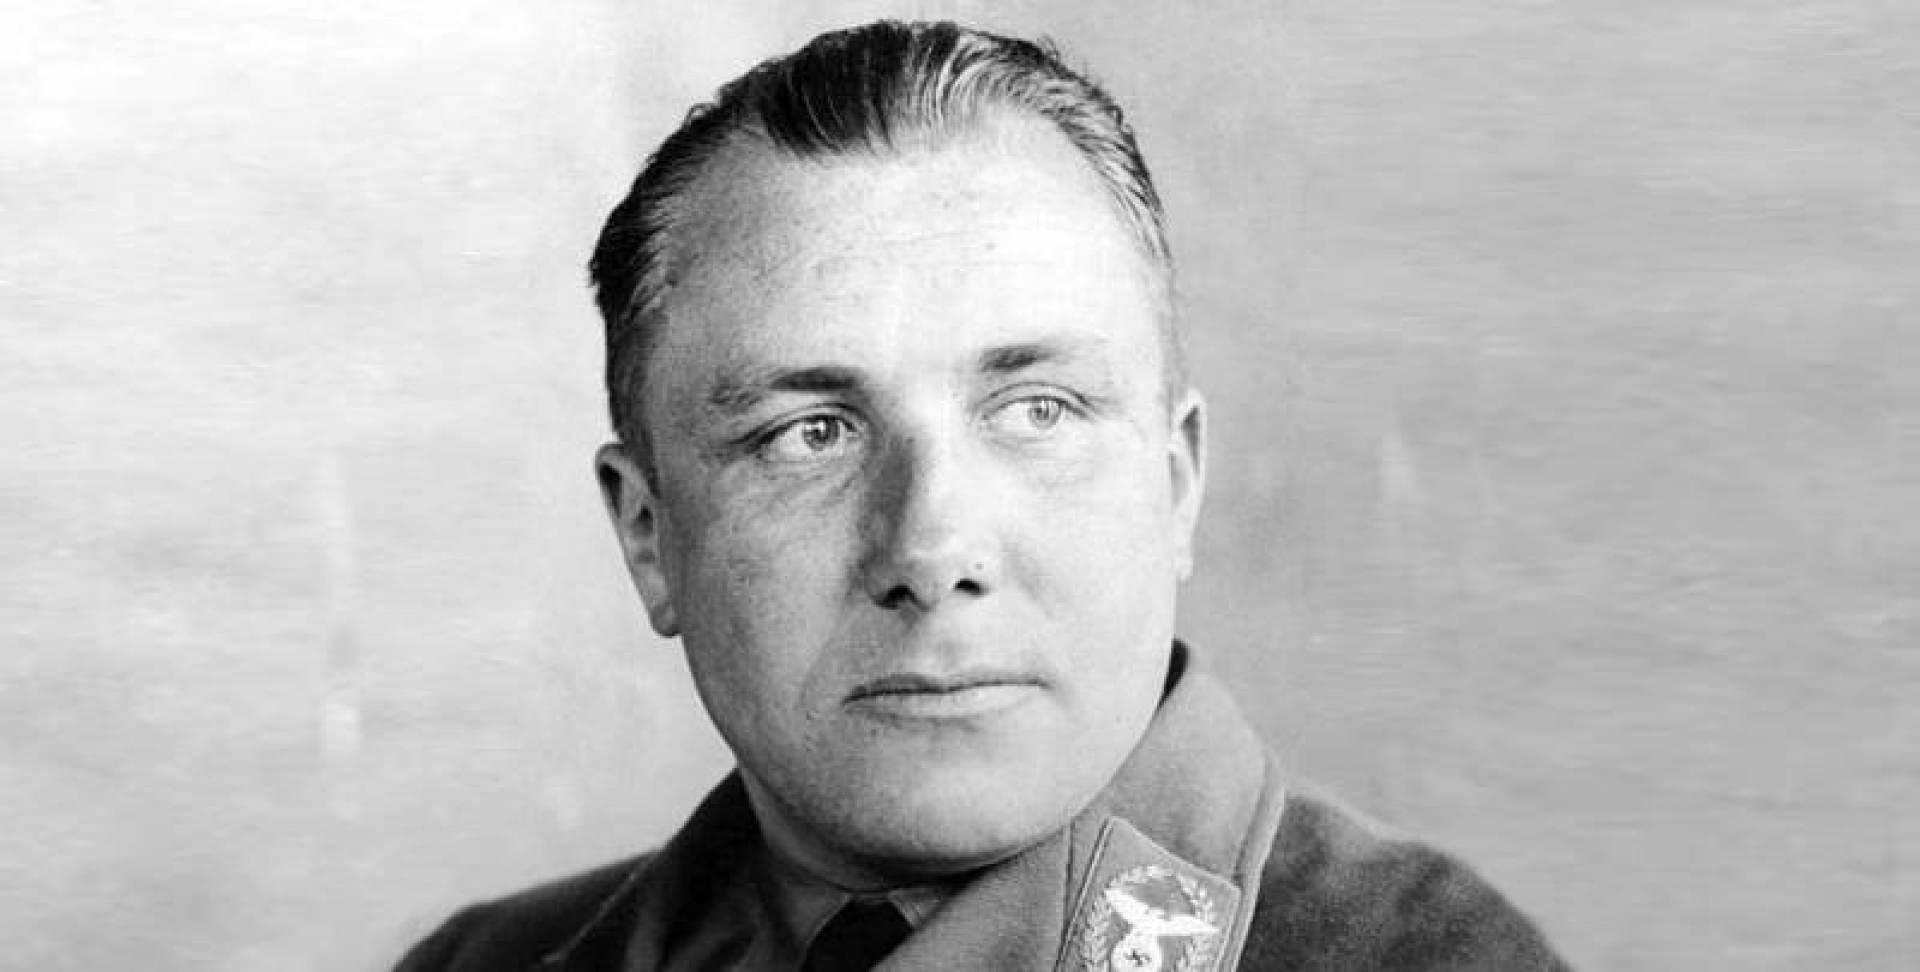 مارتن بورمان نائب هتلر الرجل الثاني في الرايخ الثالث.. صورة أرشيفية